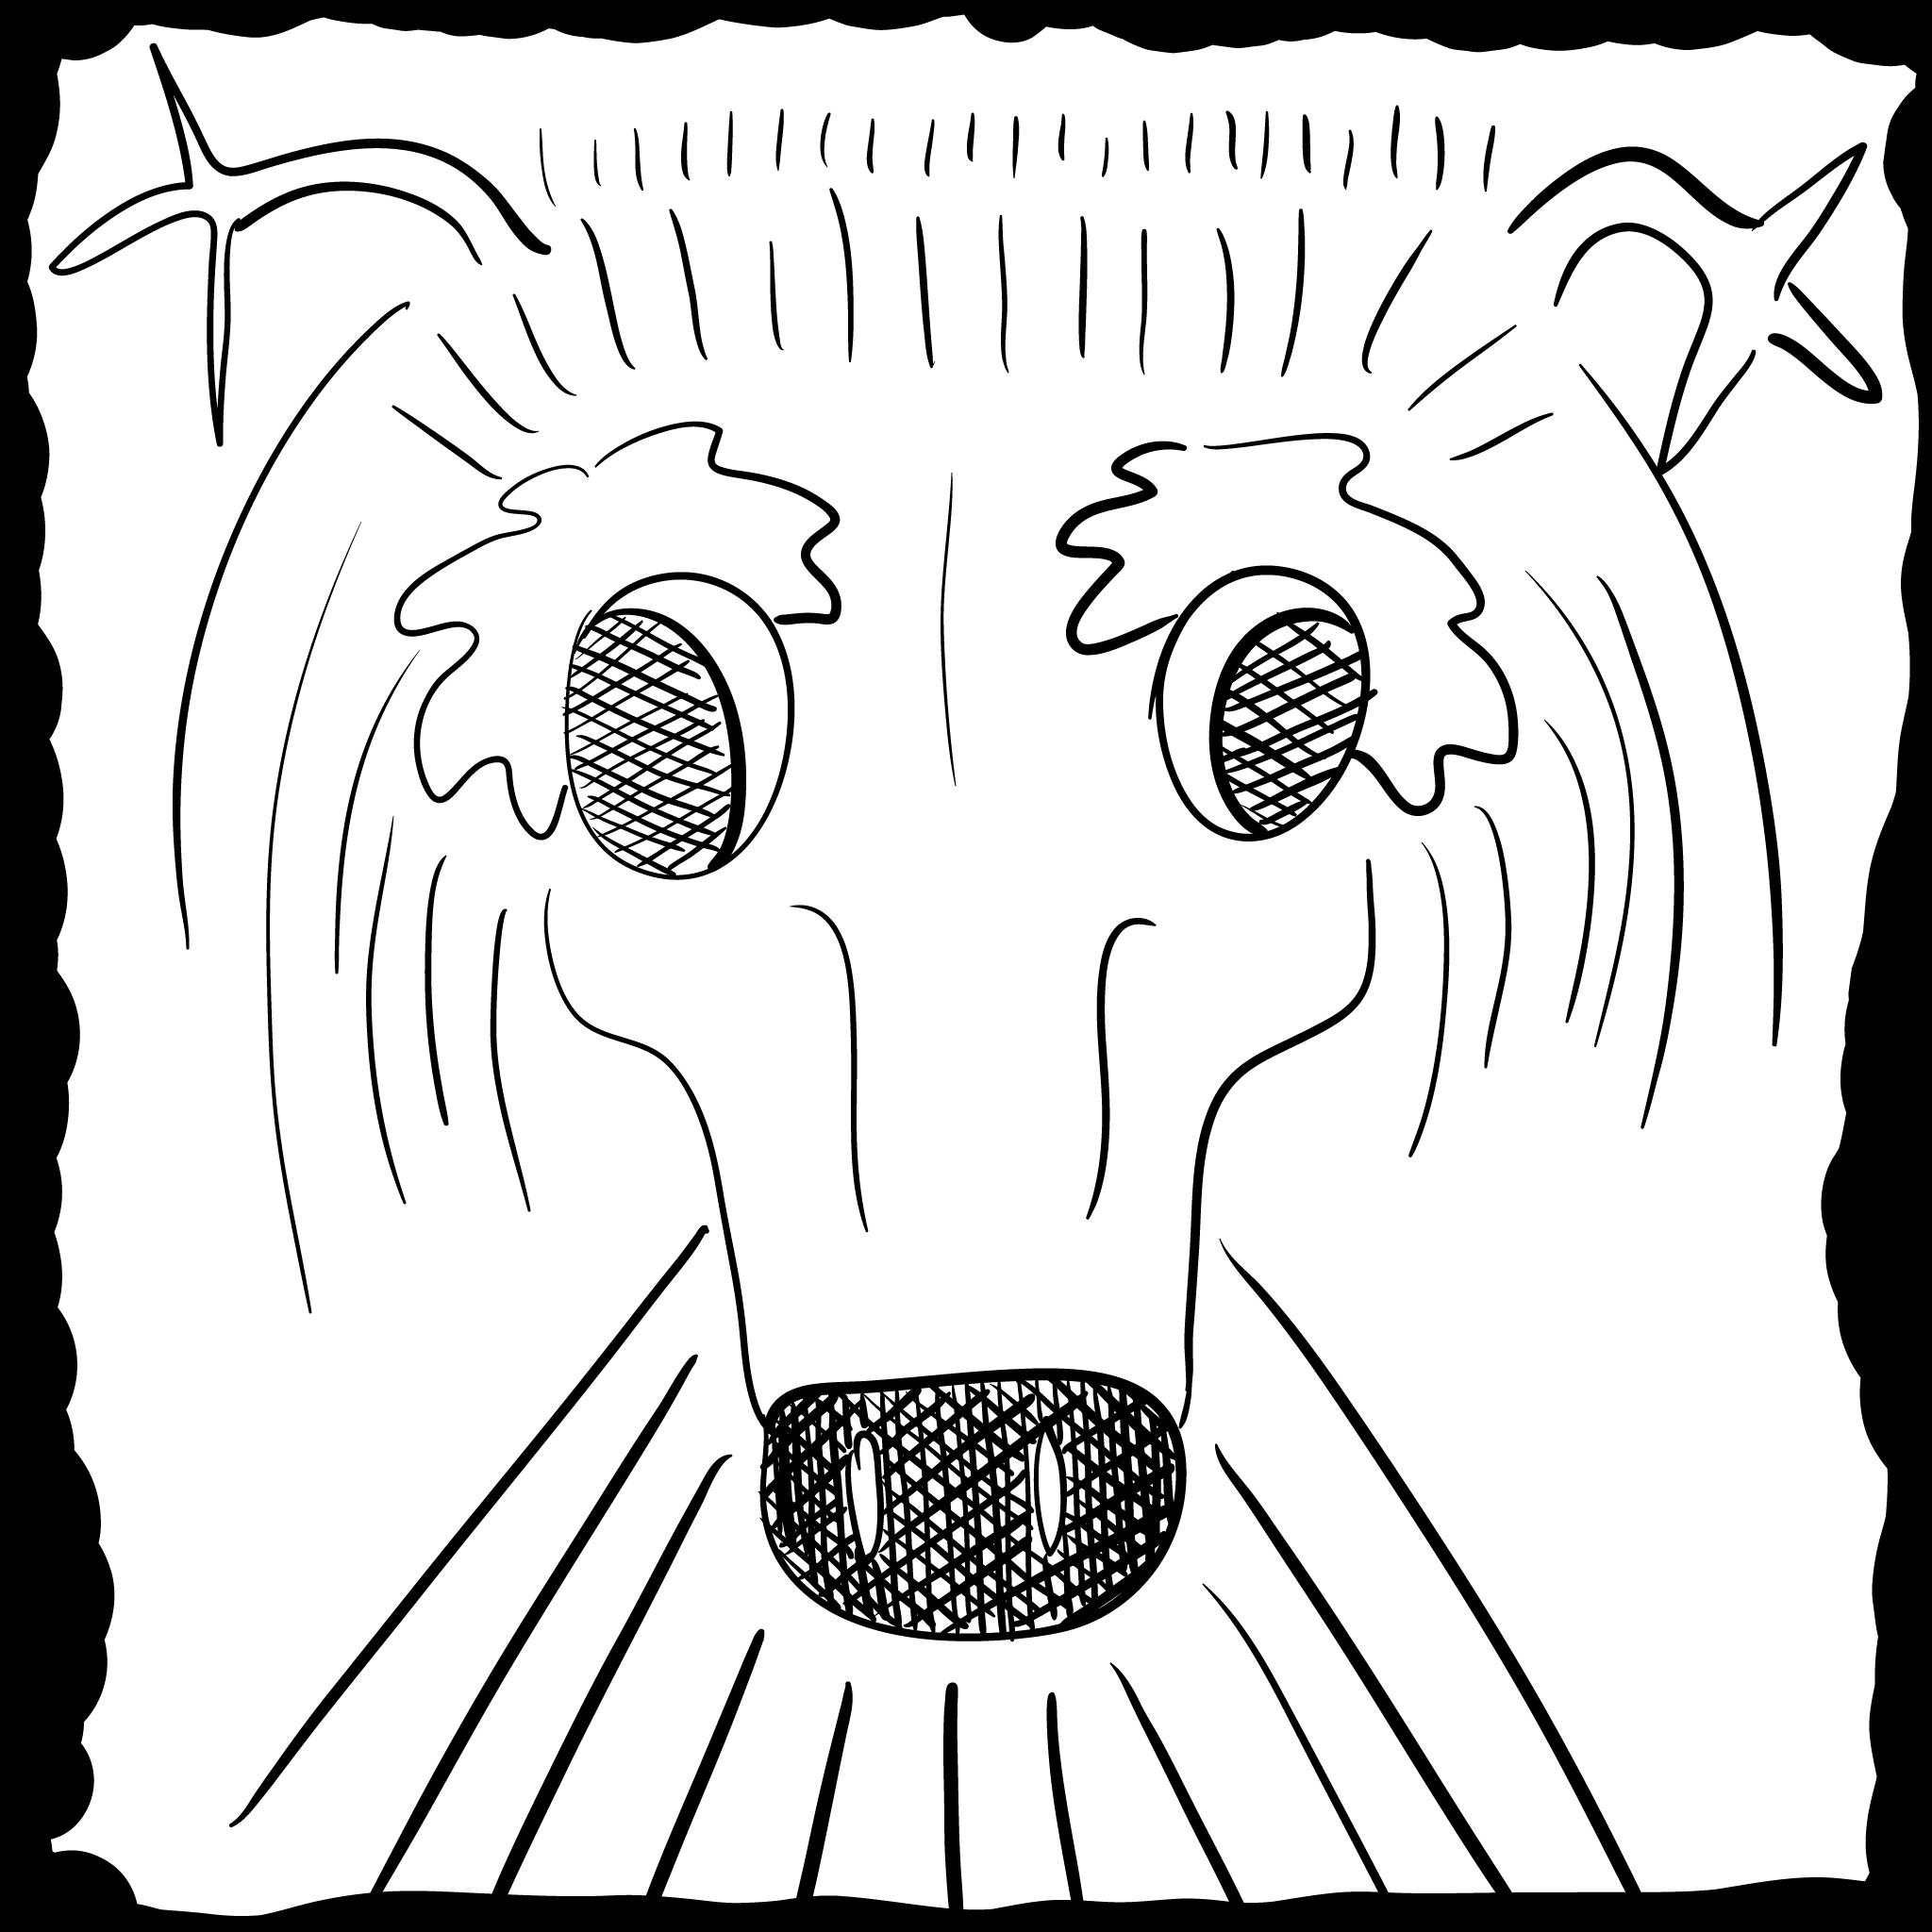 a weird elk-like thing, sorta culty in appearance